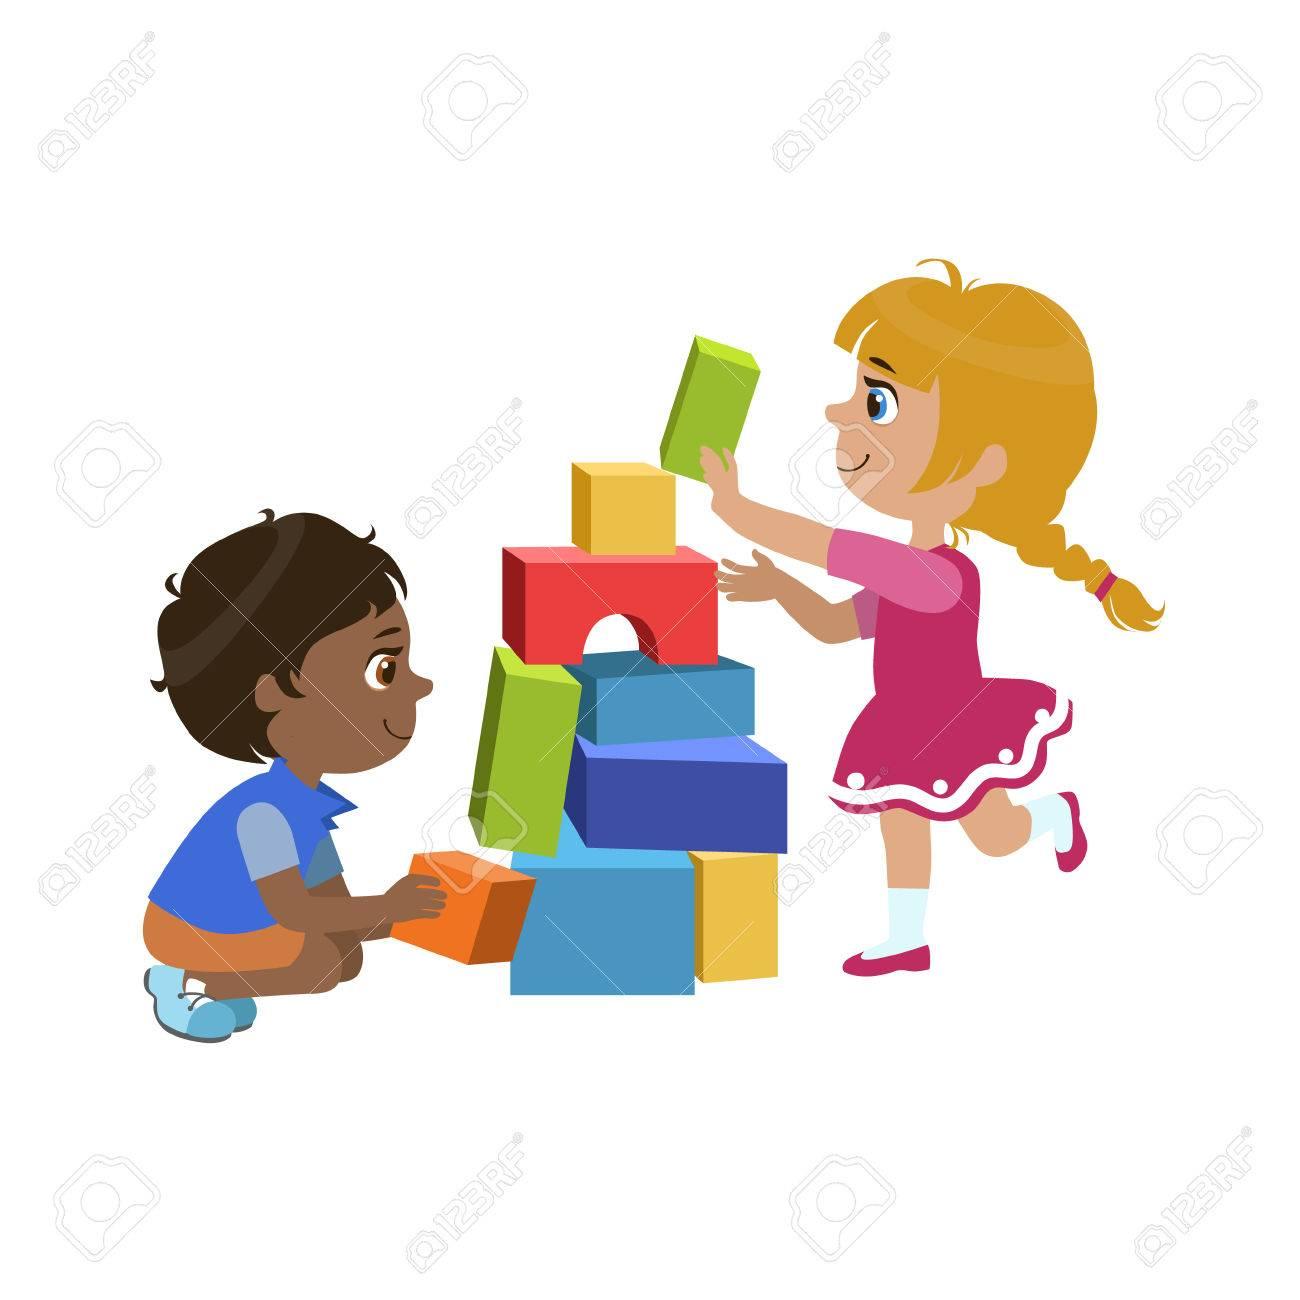 Kinder-Bricks Bunte Einfache Design-Vektor-Zeichenprogramm Auf ...